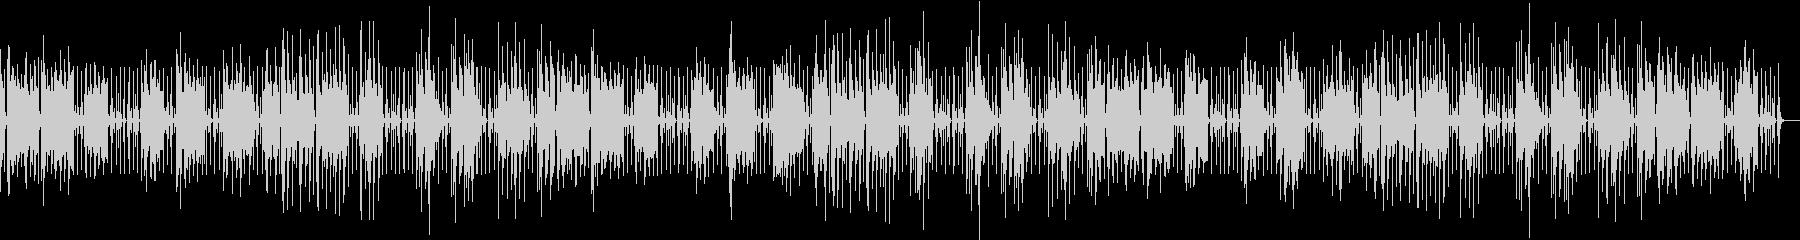 のんきにゆるいほのぼのbgmの未再生の波形